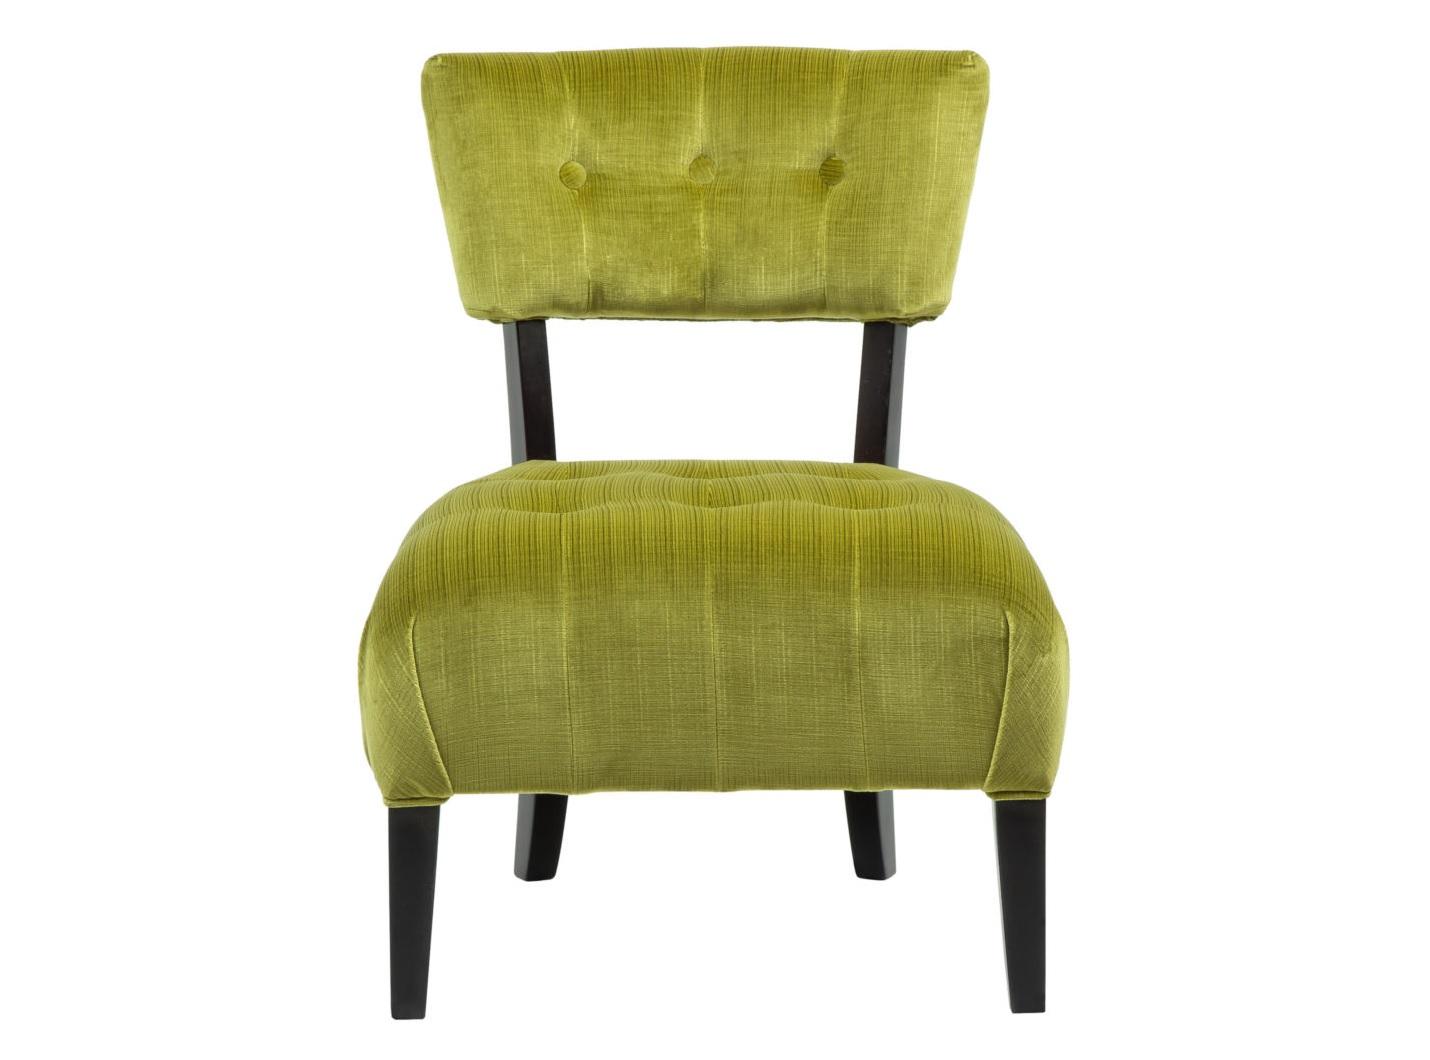 Кресло FirenzeПолукресла<br>Это экстравагантное кресло может служить неожиданным эклектичным акцентом в четком современном интерьере или органично влиться в нео-классическую композицию. Firenze будет великолепно смотреться как в одиночестве, среди массивных диванов, так и в компании подобных предметов, создавая изысканный стиль всему окружающему пространству.<br><br>Material: Текстиль<br>Ширина см: 55<br>Высота см: 65<br>Глубина см: 60